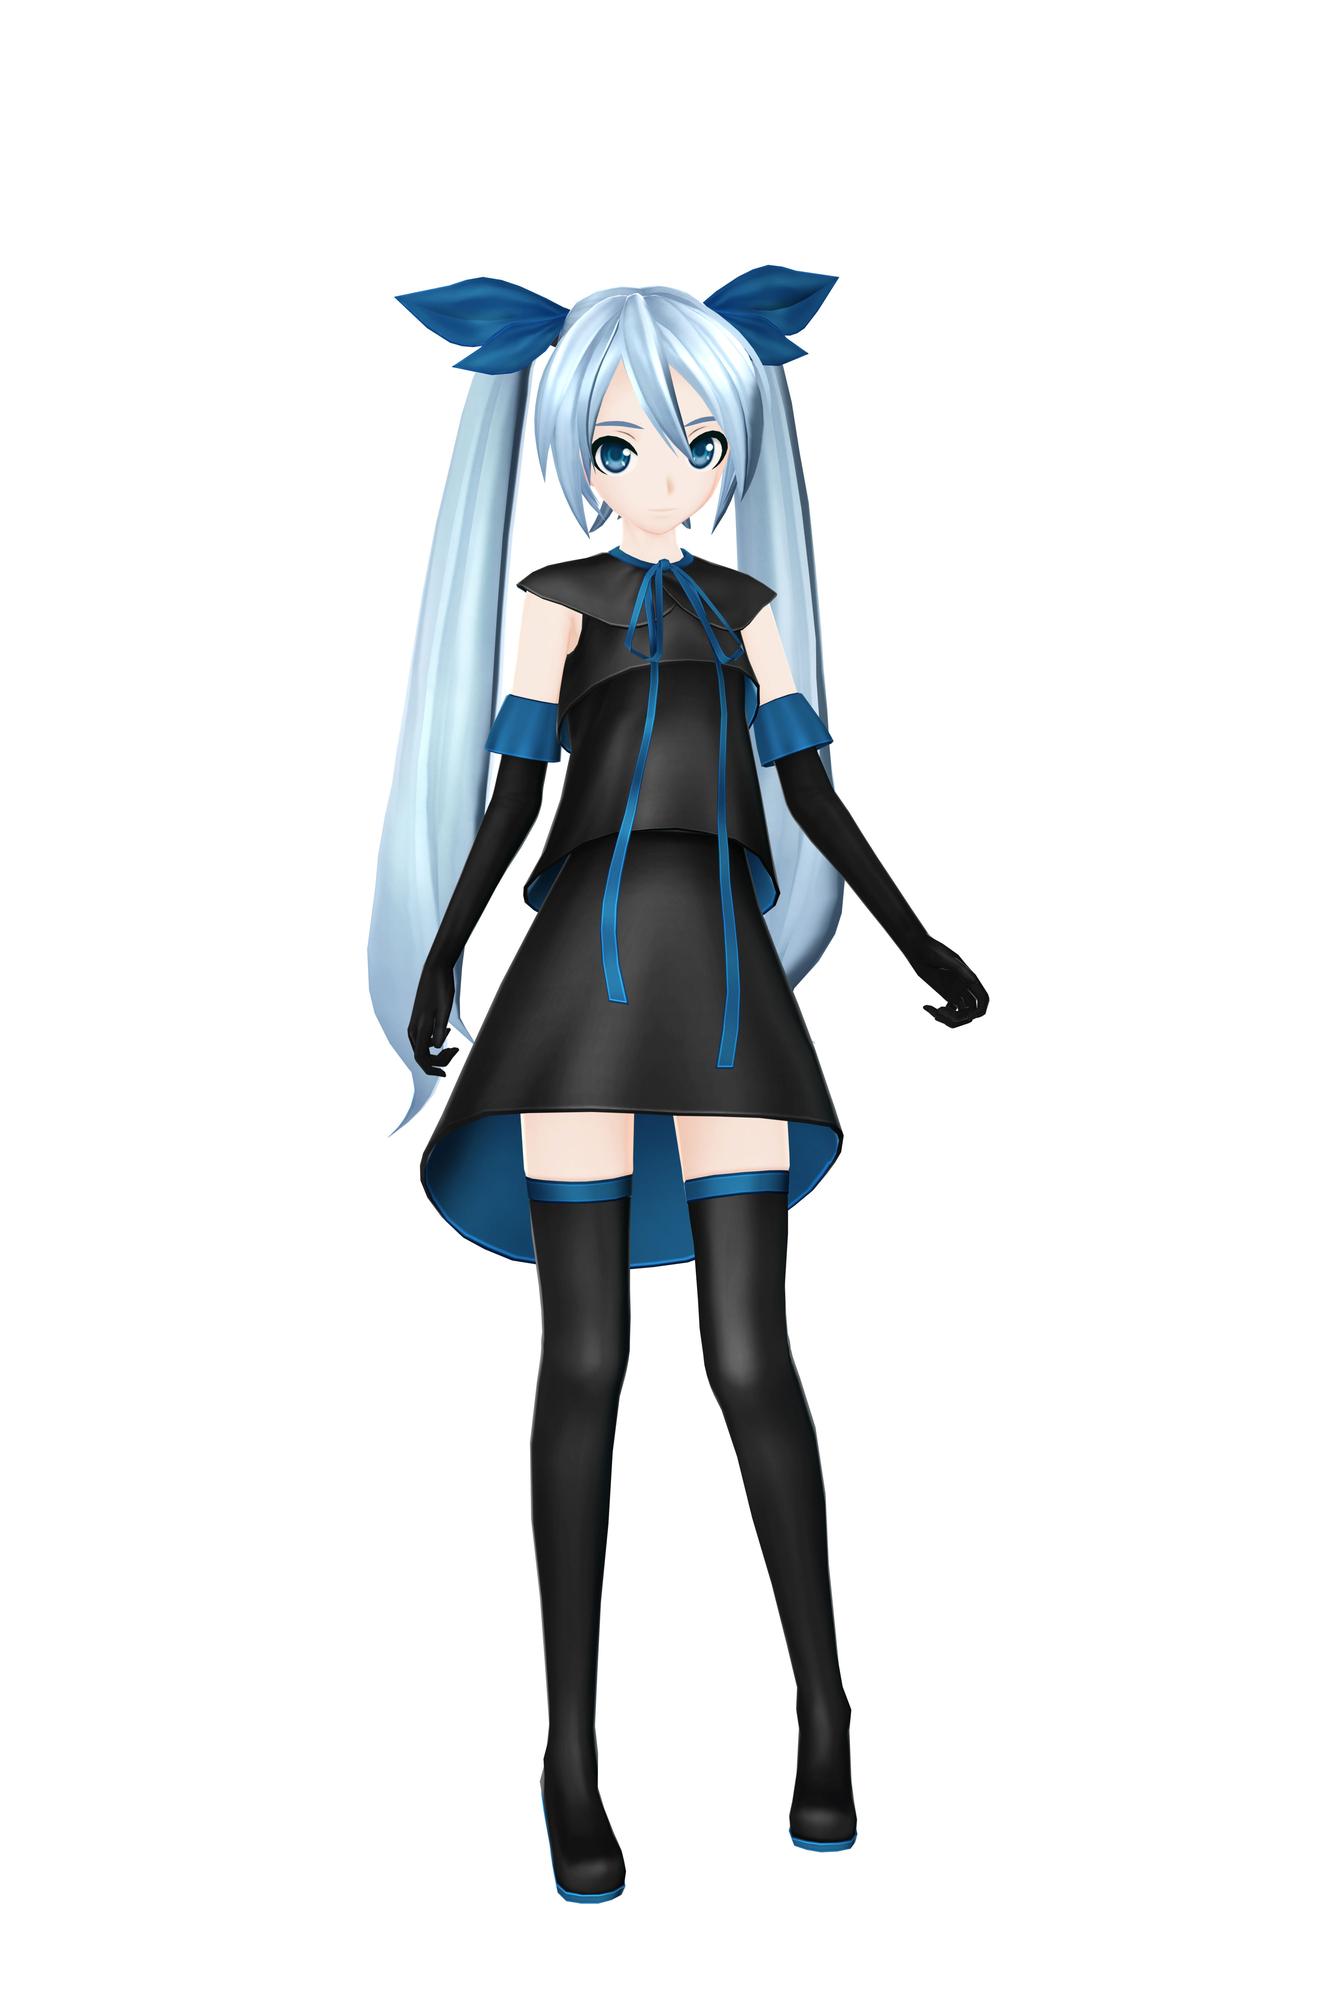 Hatsune miku project diva x ecco come interagiremo coi vocaloid akiba gamers - Hatsune miku project diva x ...